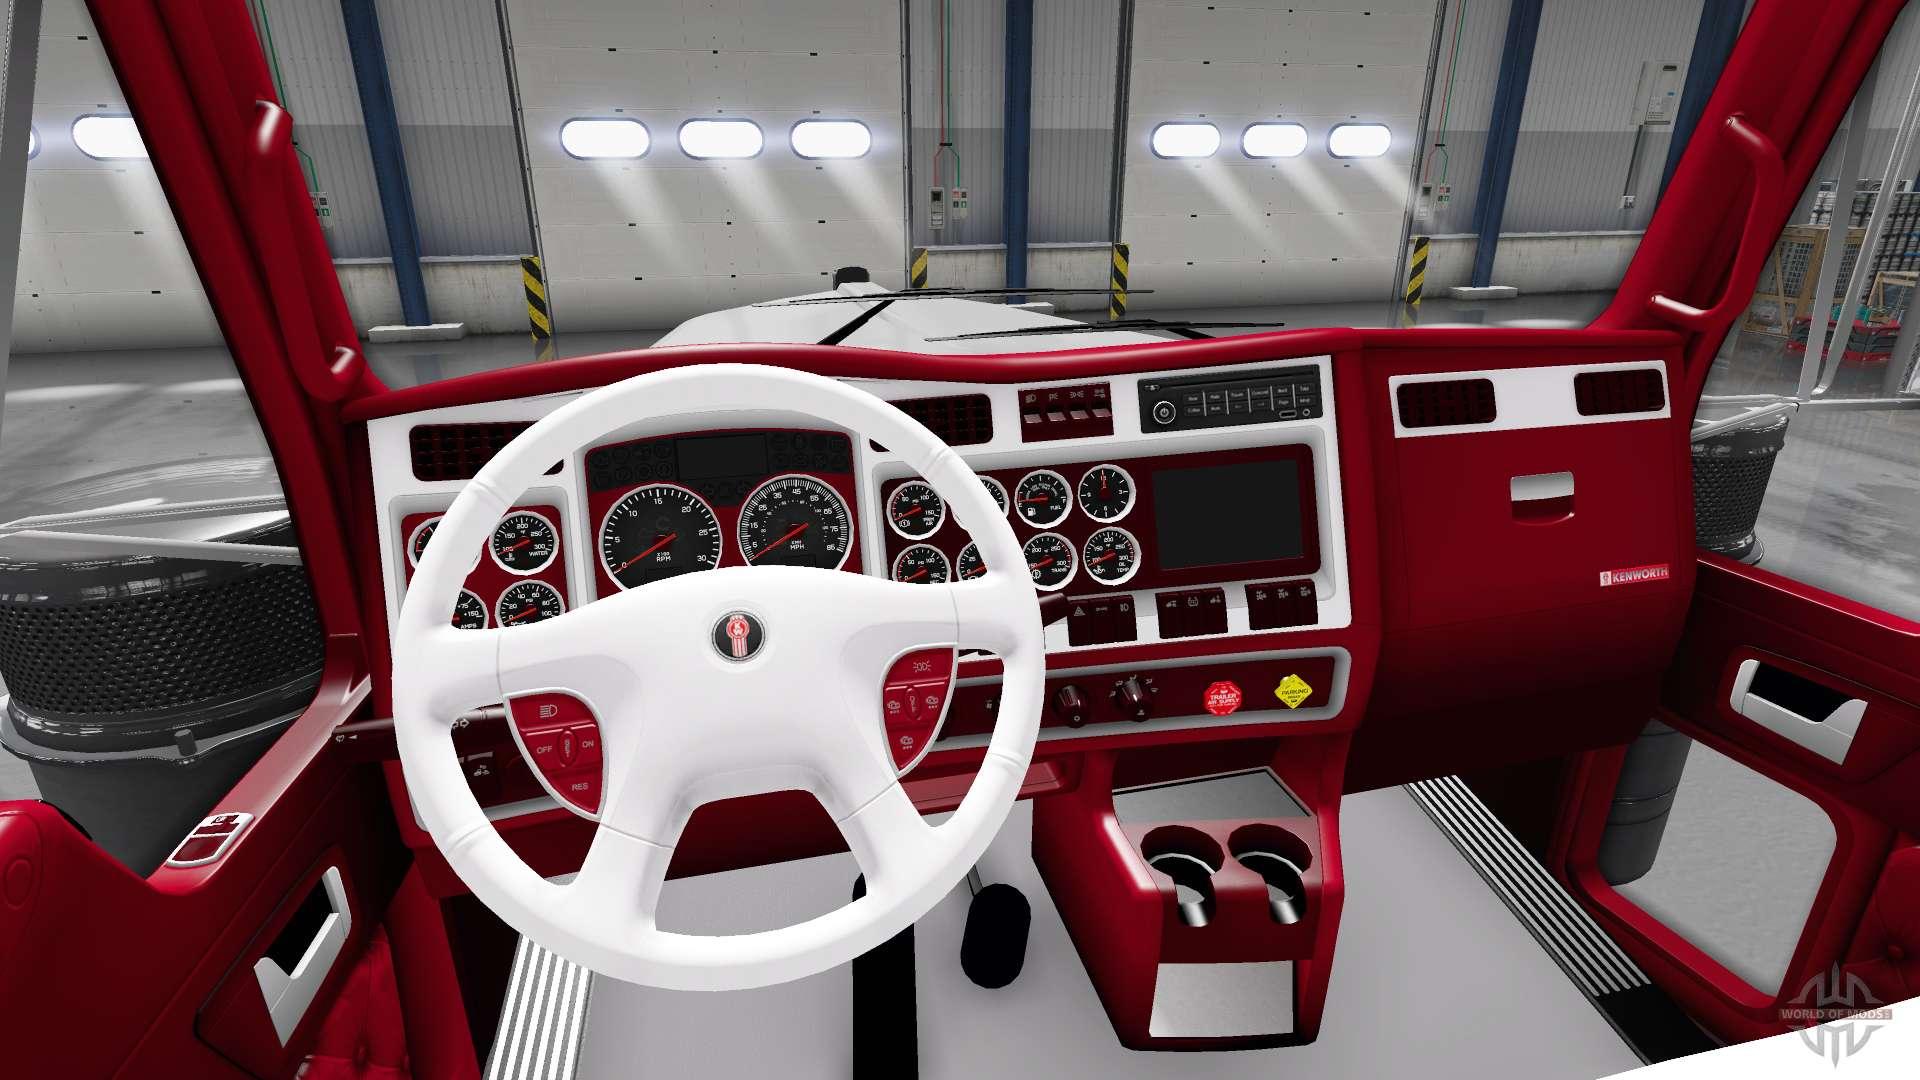 Les rouge et blanc int rieur kenworth w900 pour american for Interieur rouge